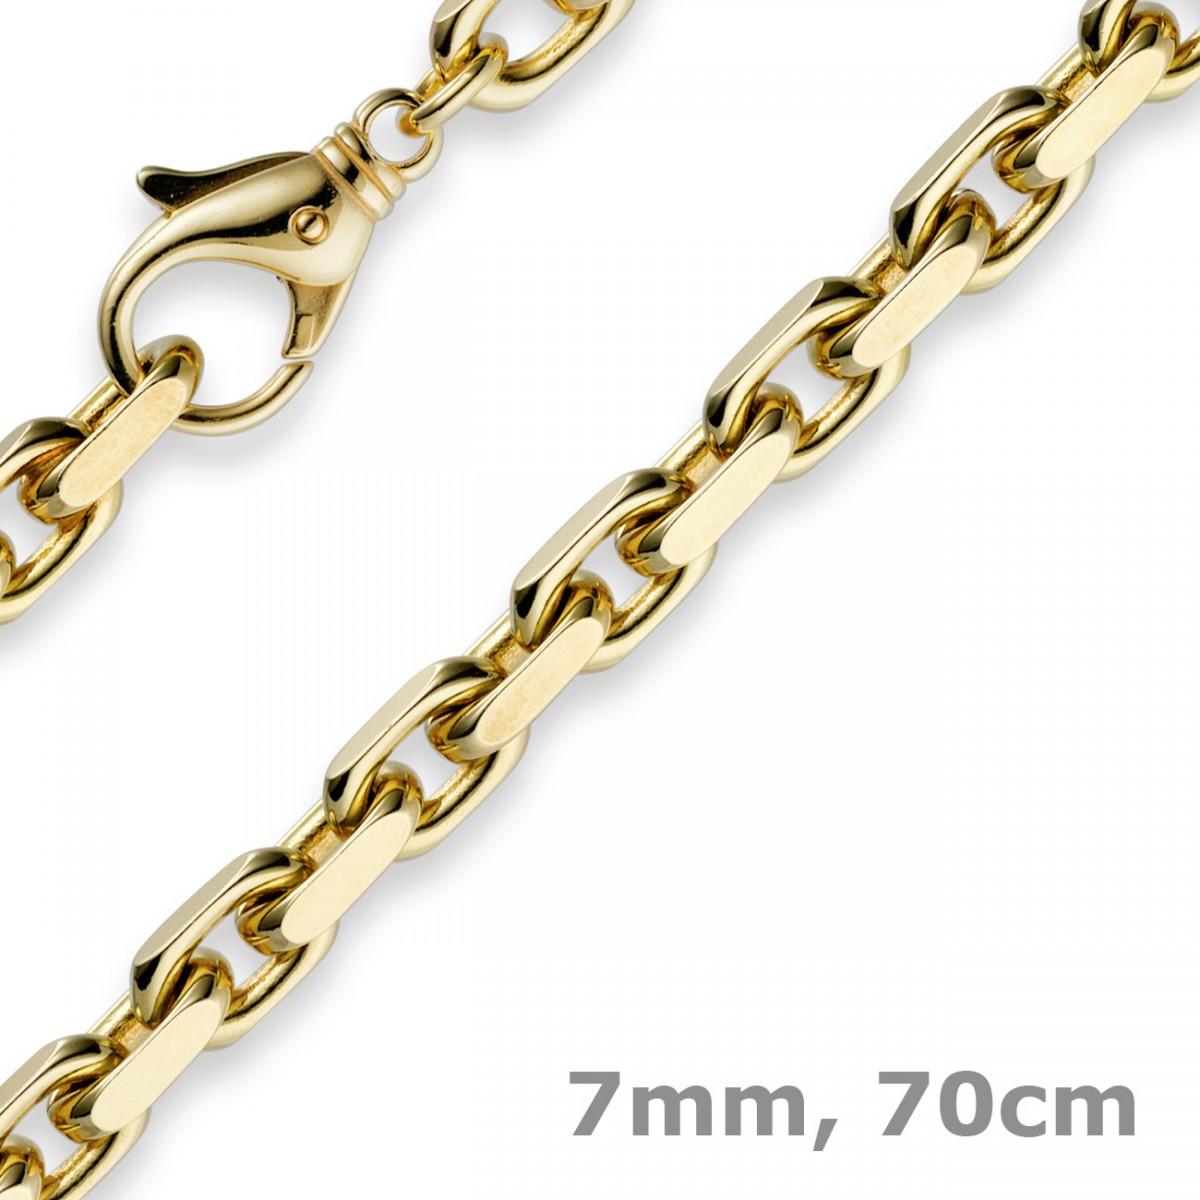 7mm kette collier ankerkette aus 585 gold gelbgold 70cm. Black Bedroom Furniture Sets. Home Design Ideas